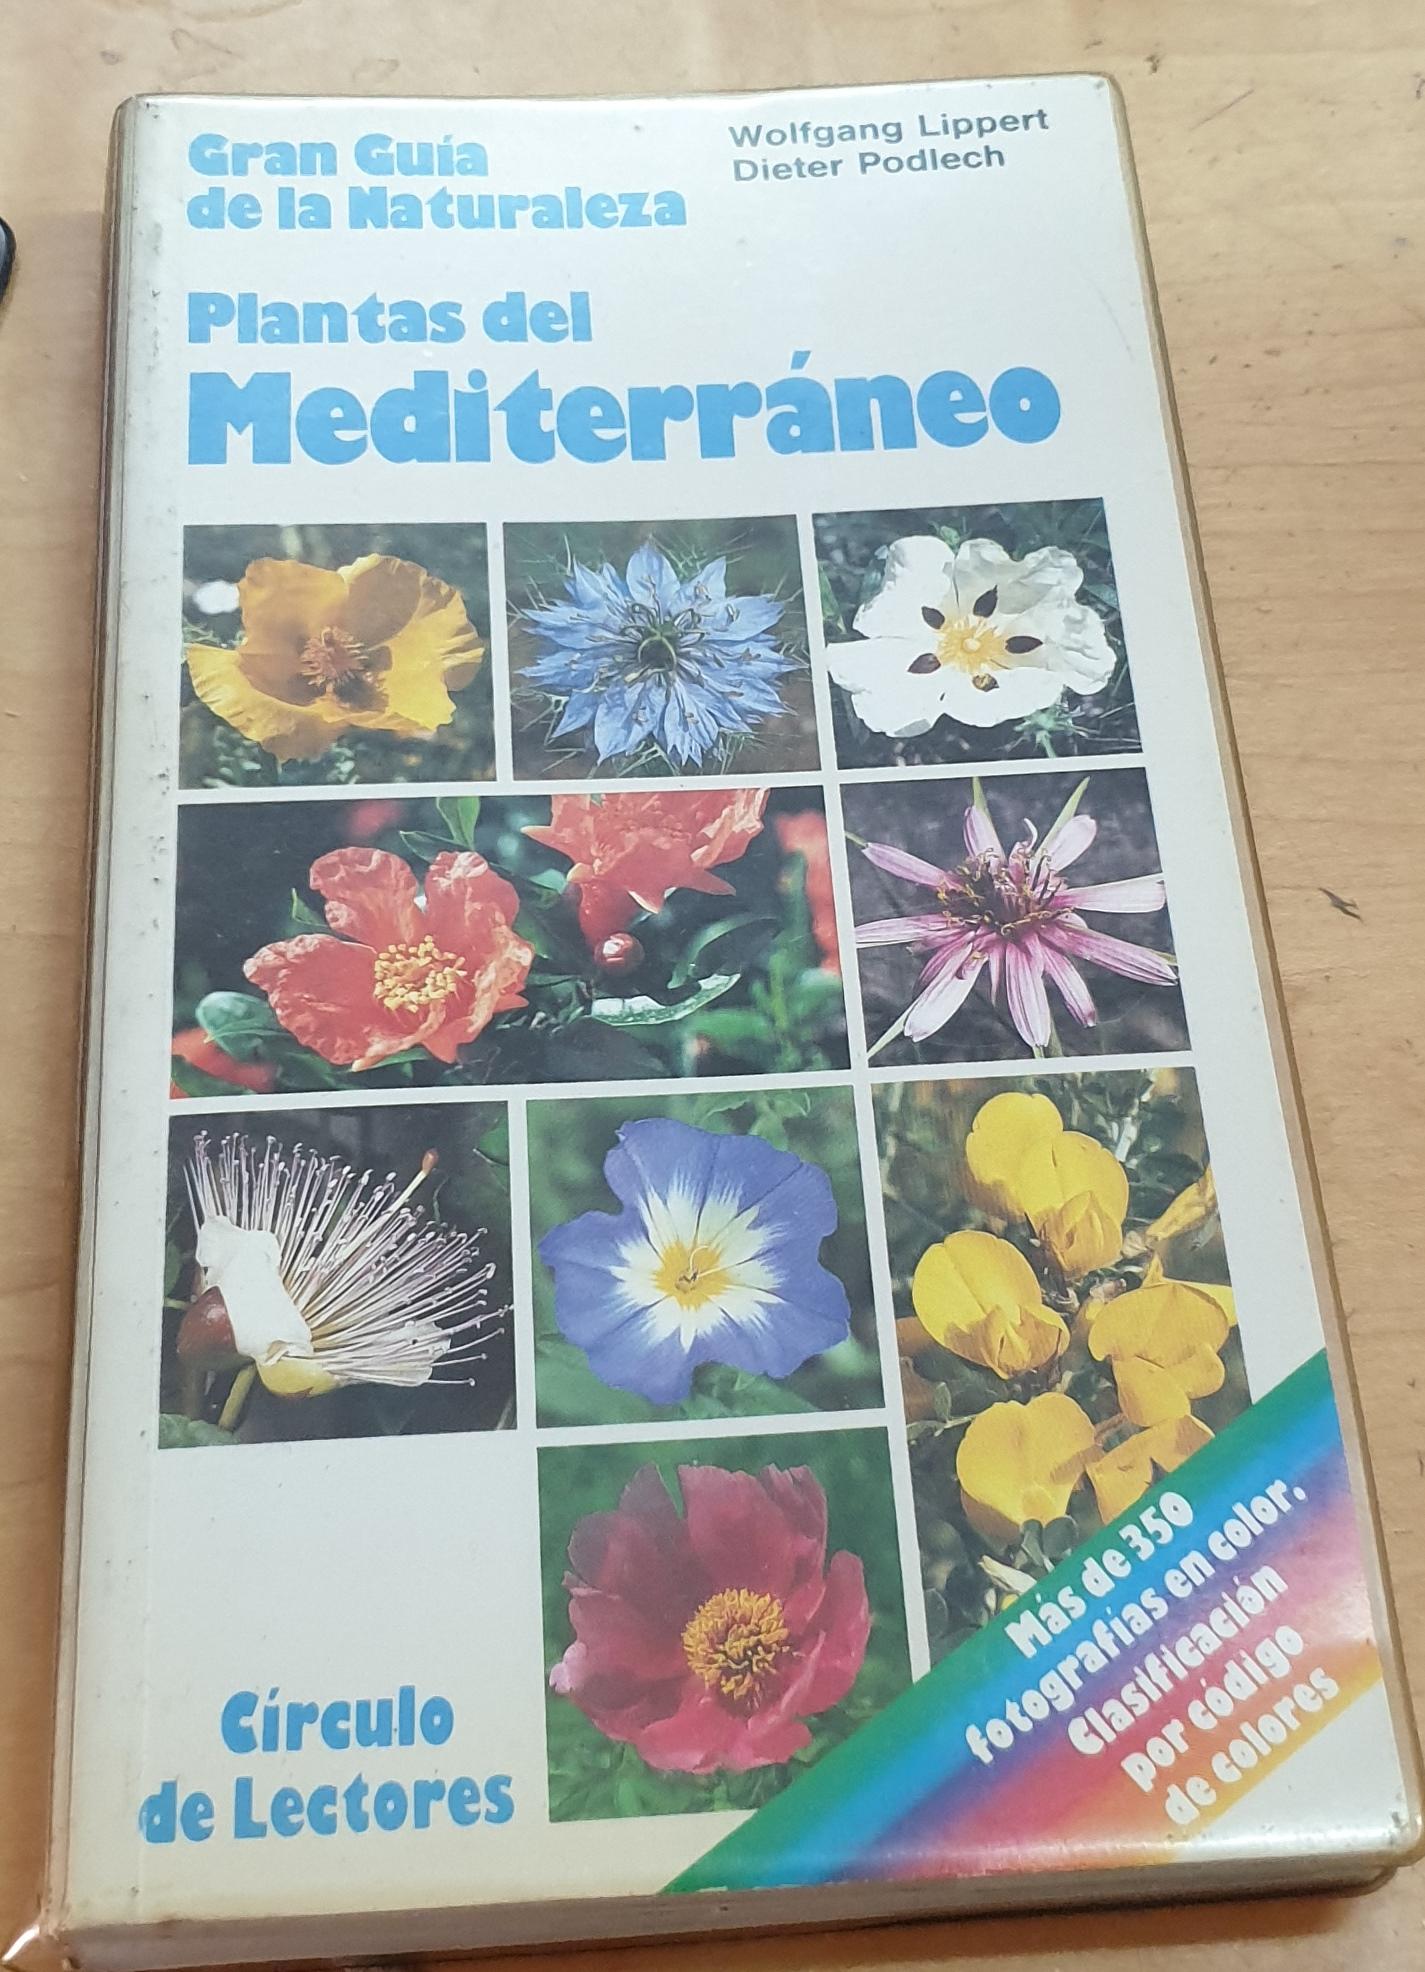 Gran guía de la Naturaleza. Plantas del Mediterráneo. Cómo reconocer e identificar las fanerógramas más importantes. Traducción Fernando M. Bernaldo de Quirós - LIPPERT, WOLFGANG/PODLECH, DIETER